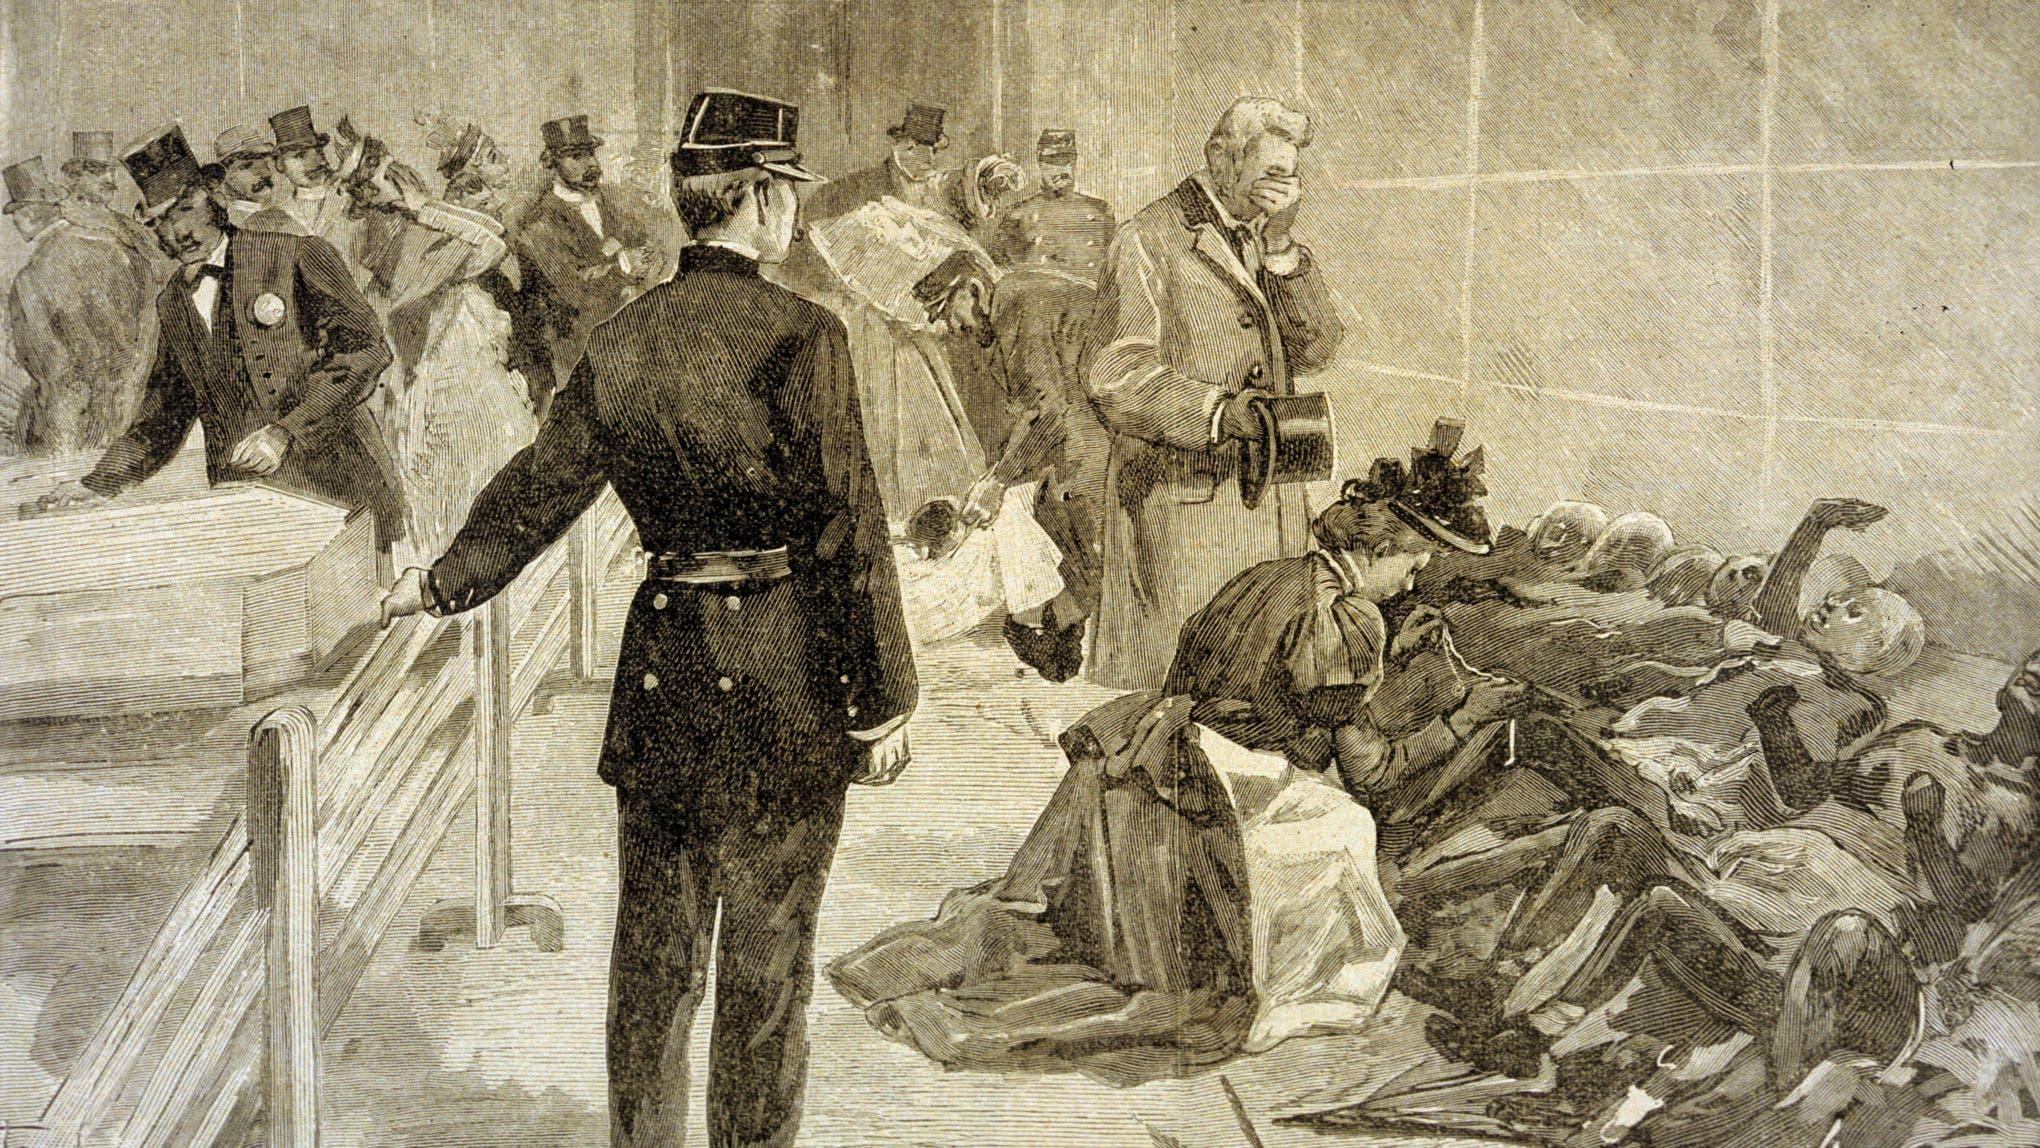 رسم تخيلي يجسد عدداً من الفرنسيين أثناء عملية التعرف على جثث ذويهم المتفحمة